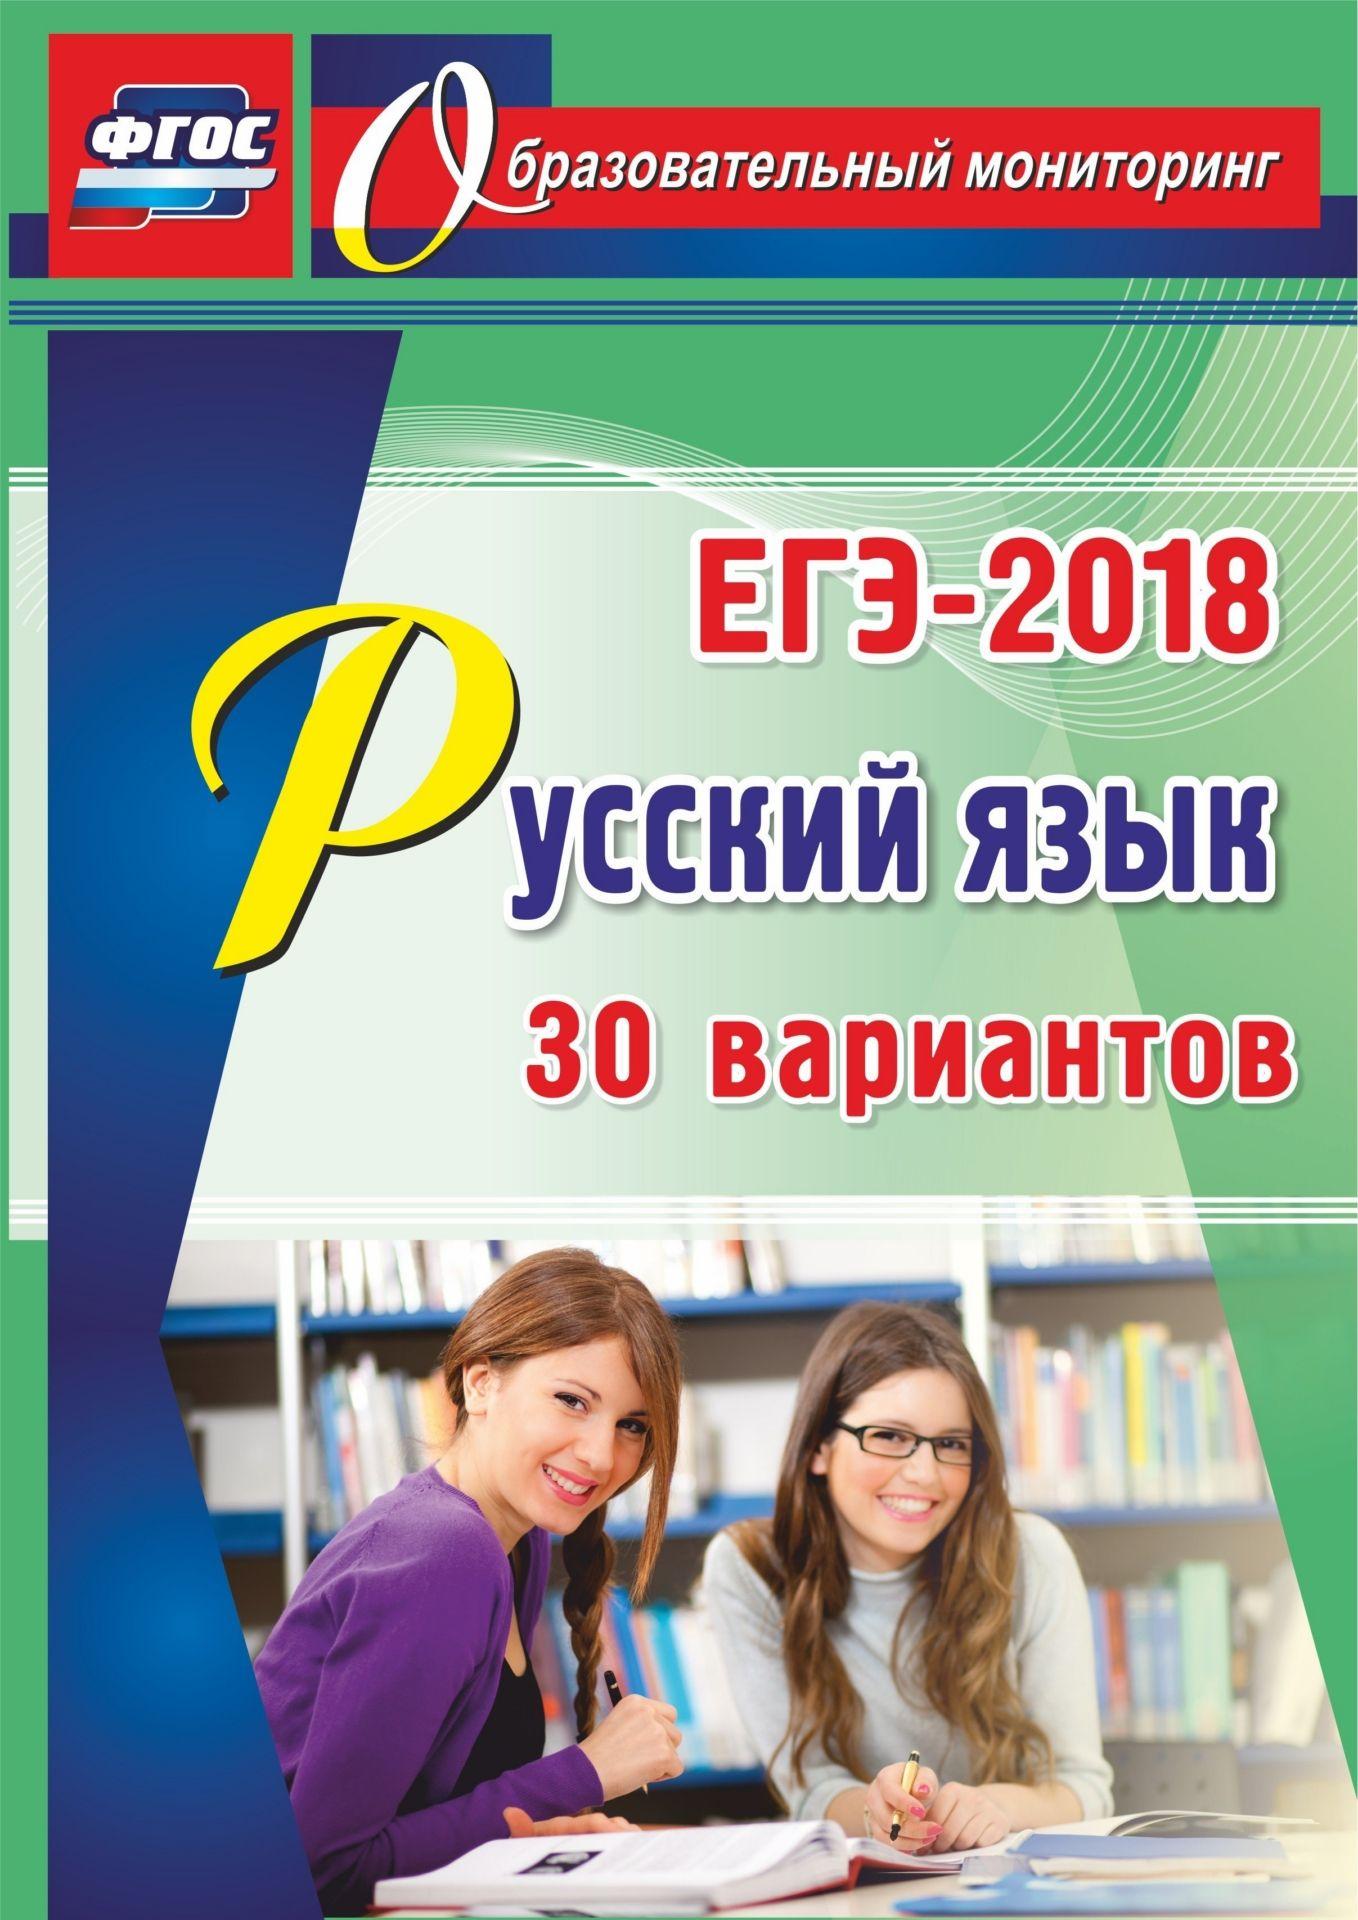 Купить со скидкой Русский язык. ЕГЭ-2018. 30 вариантов. Программа для установки через интернет